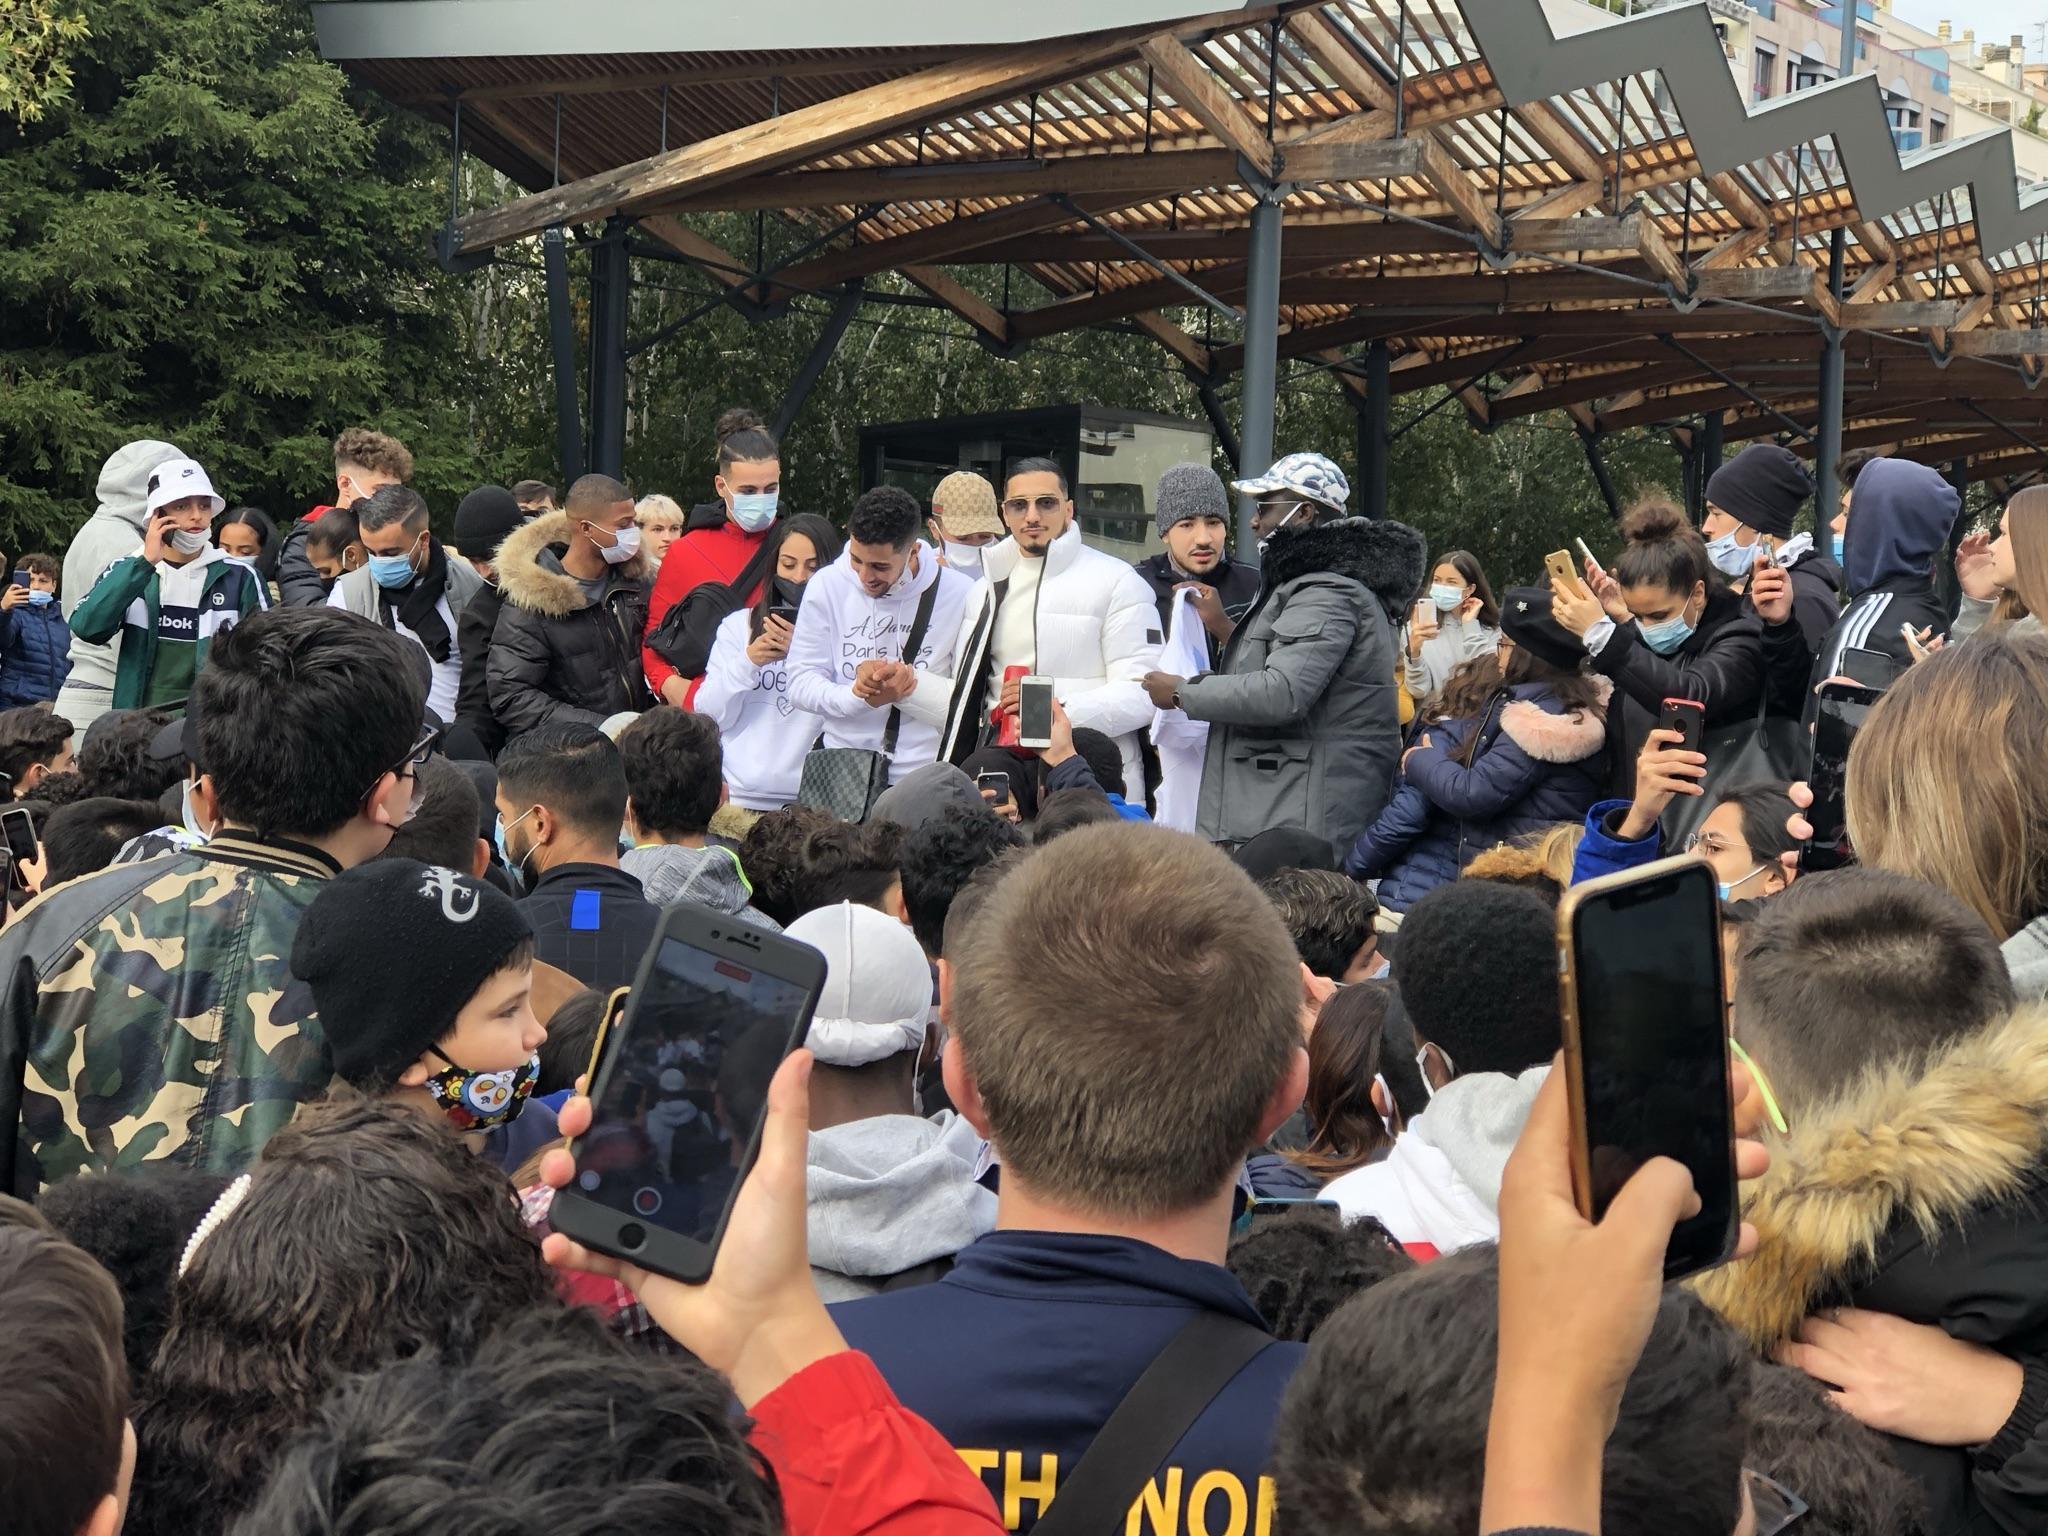 (VIDÉO & PHOTOS) Annemasse: plus de 500 personnes se sont réunies pour rendre hommage à Rania